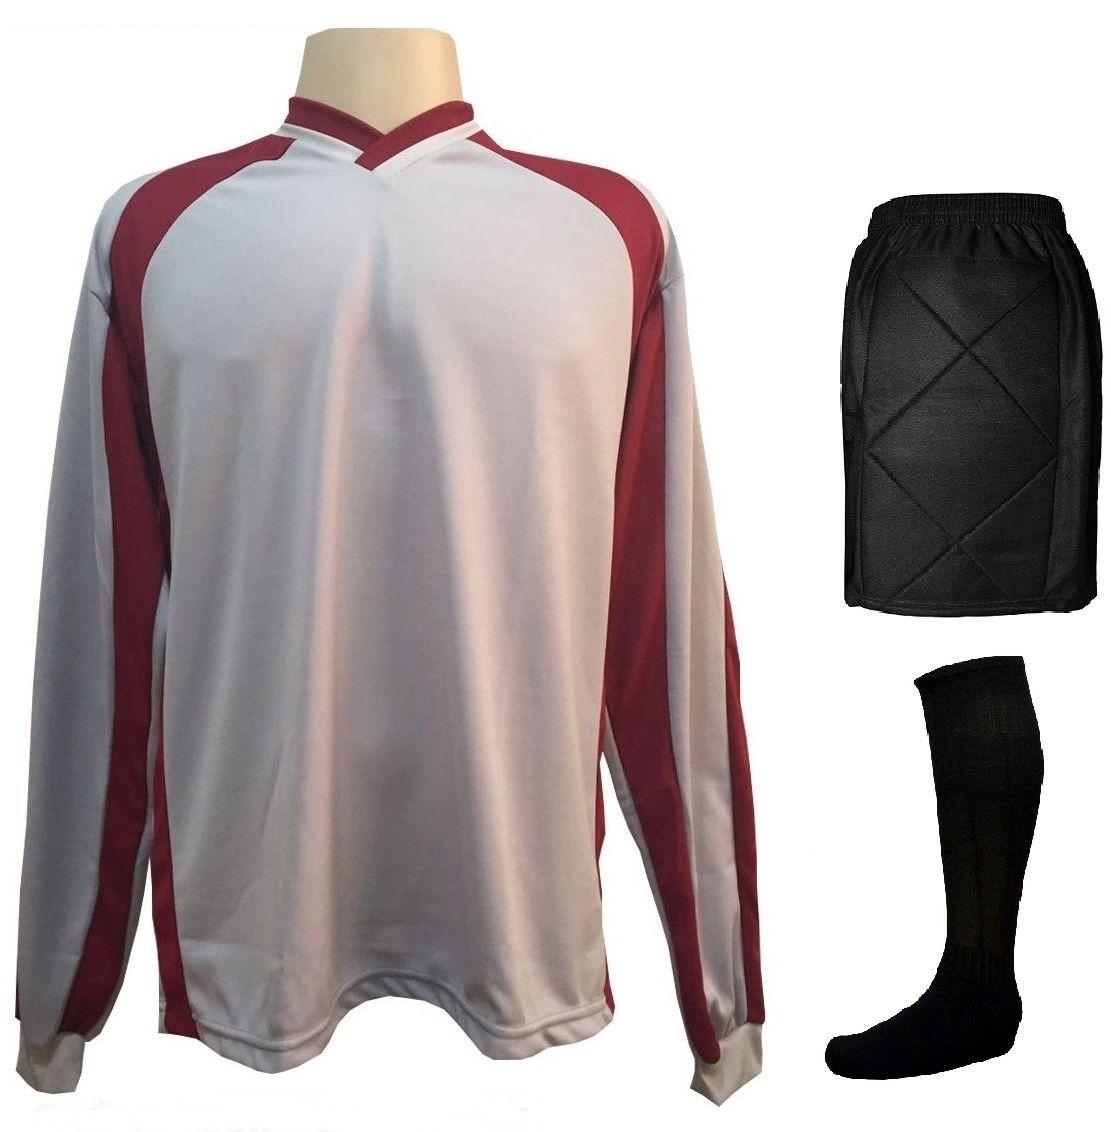 Fardamento Completo modelo Roma 20+2 (20 camisas Laranja/Preto + 20 calções modelo Madrid Preto + 20 pares de meiões Preto + 2 conjuntos de goleiro) + Brindes